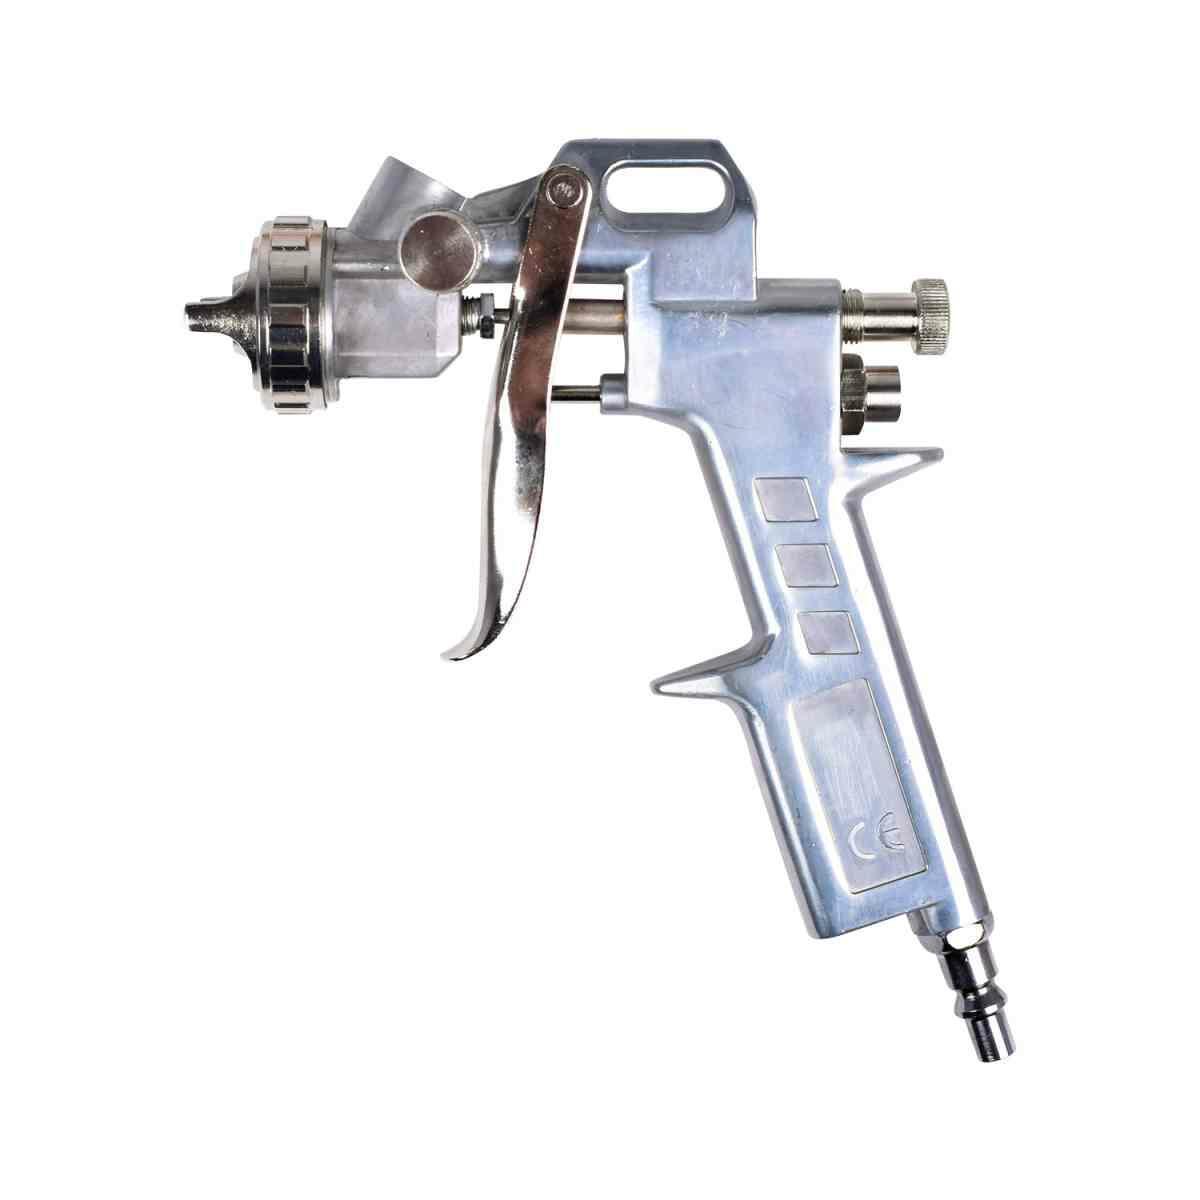 Pistola de Pintura de Gravidade Baixa Produção PP3 V8 Brasil